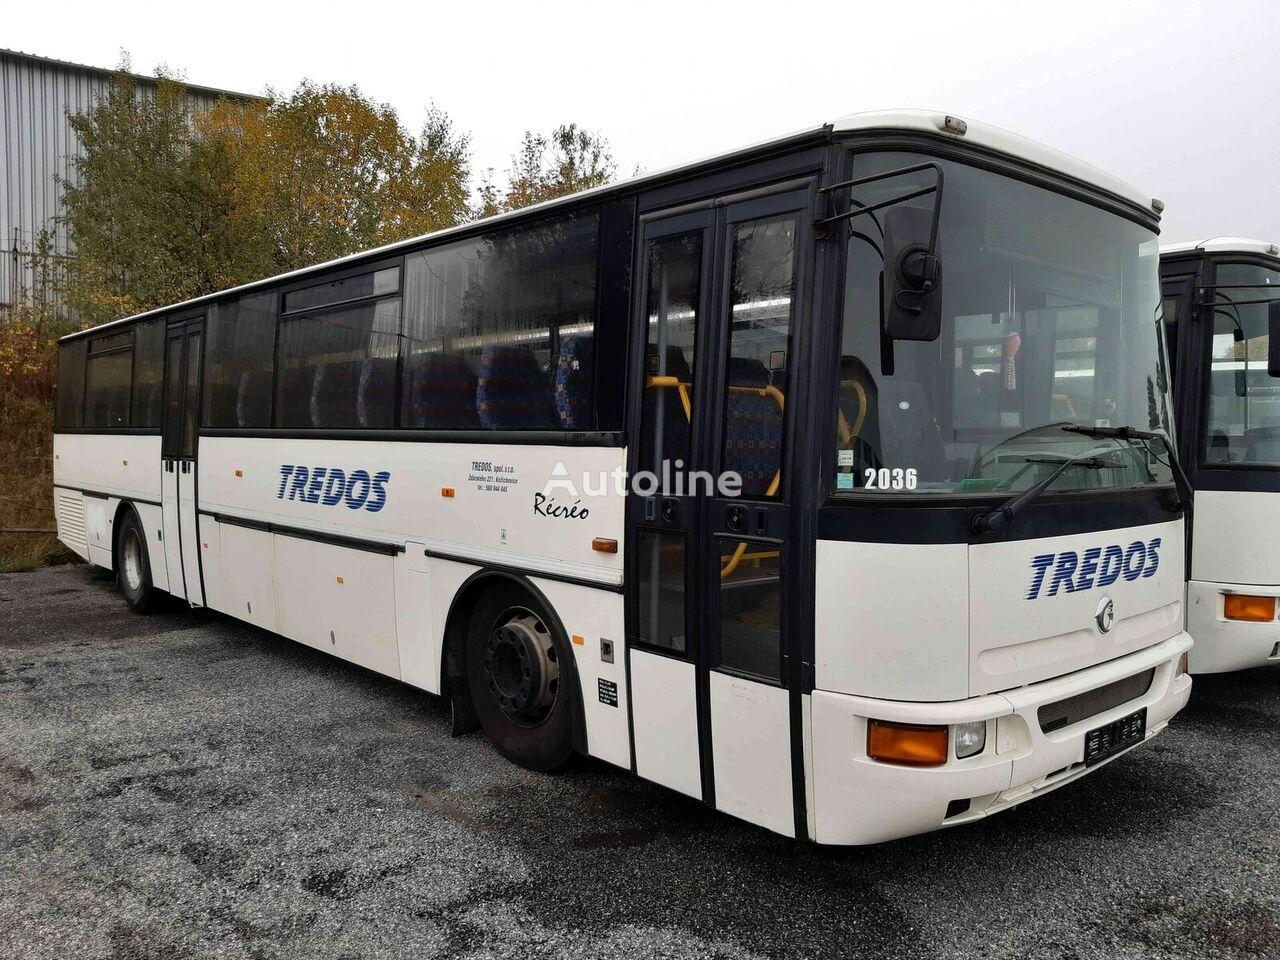 IRISBUS RECREO coach bus